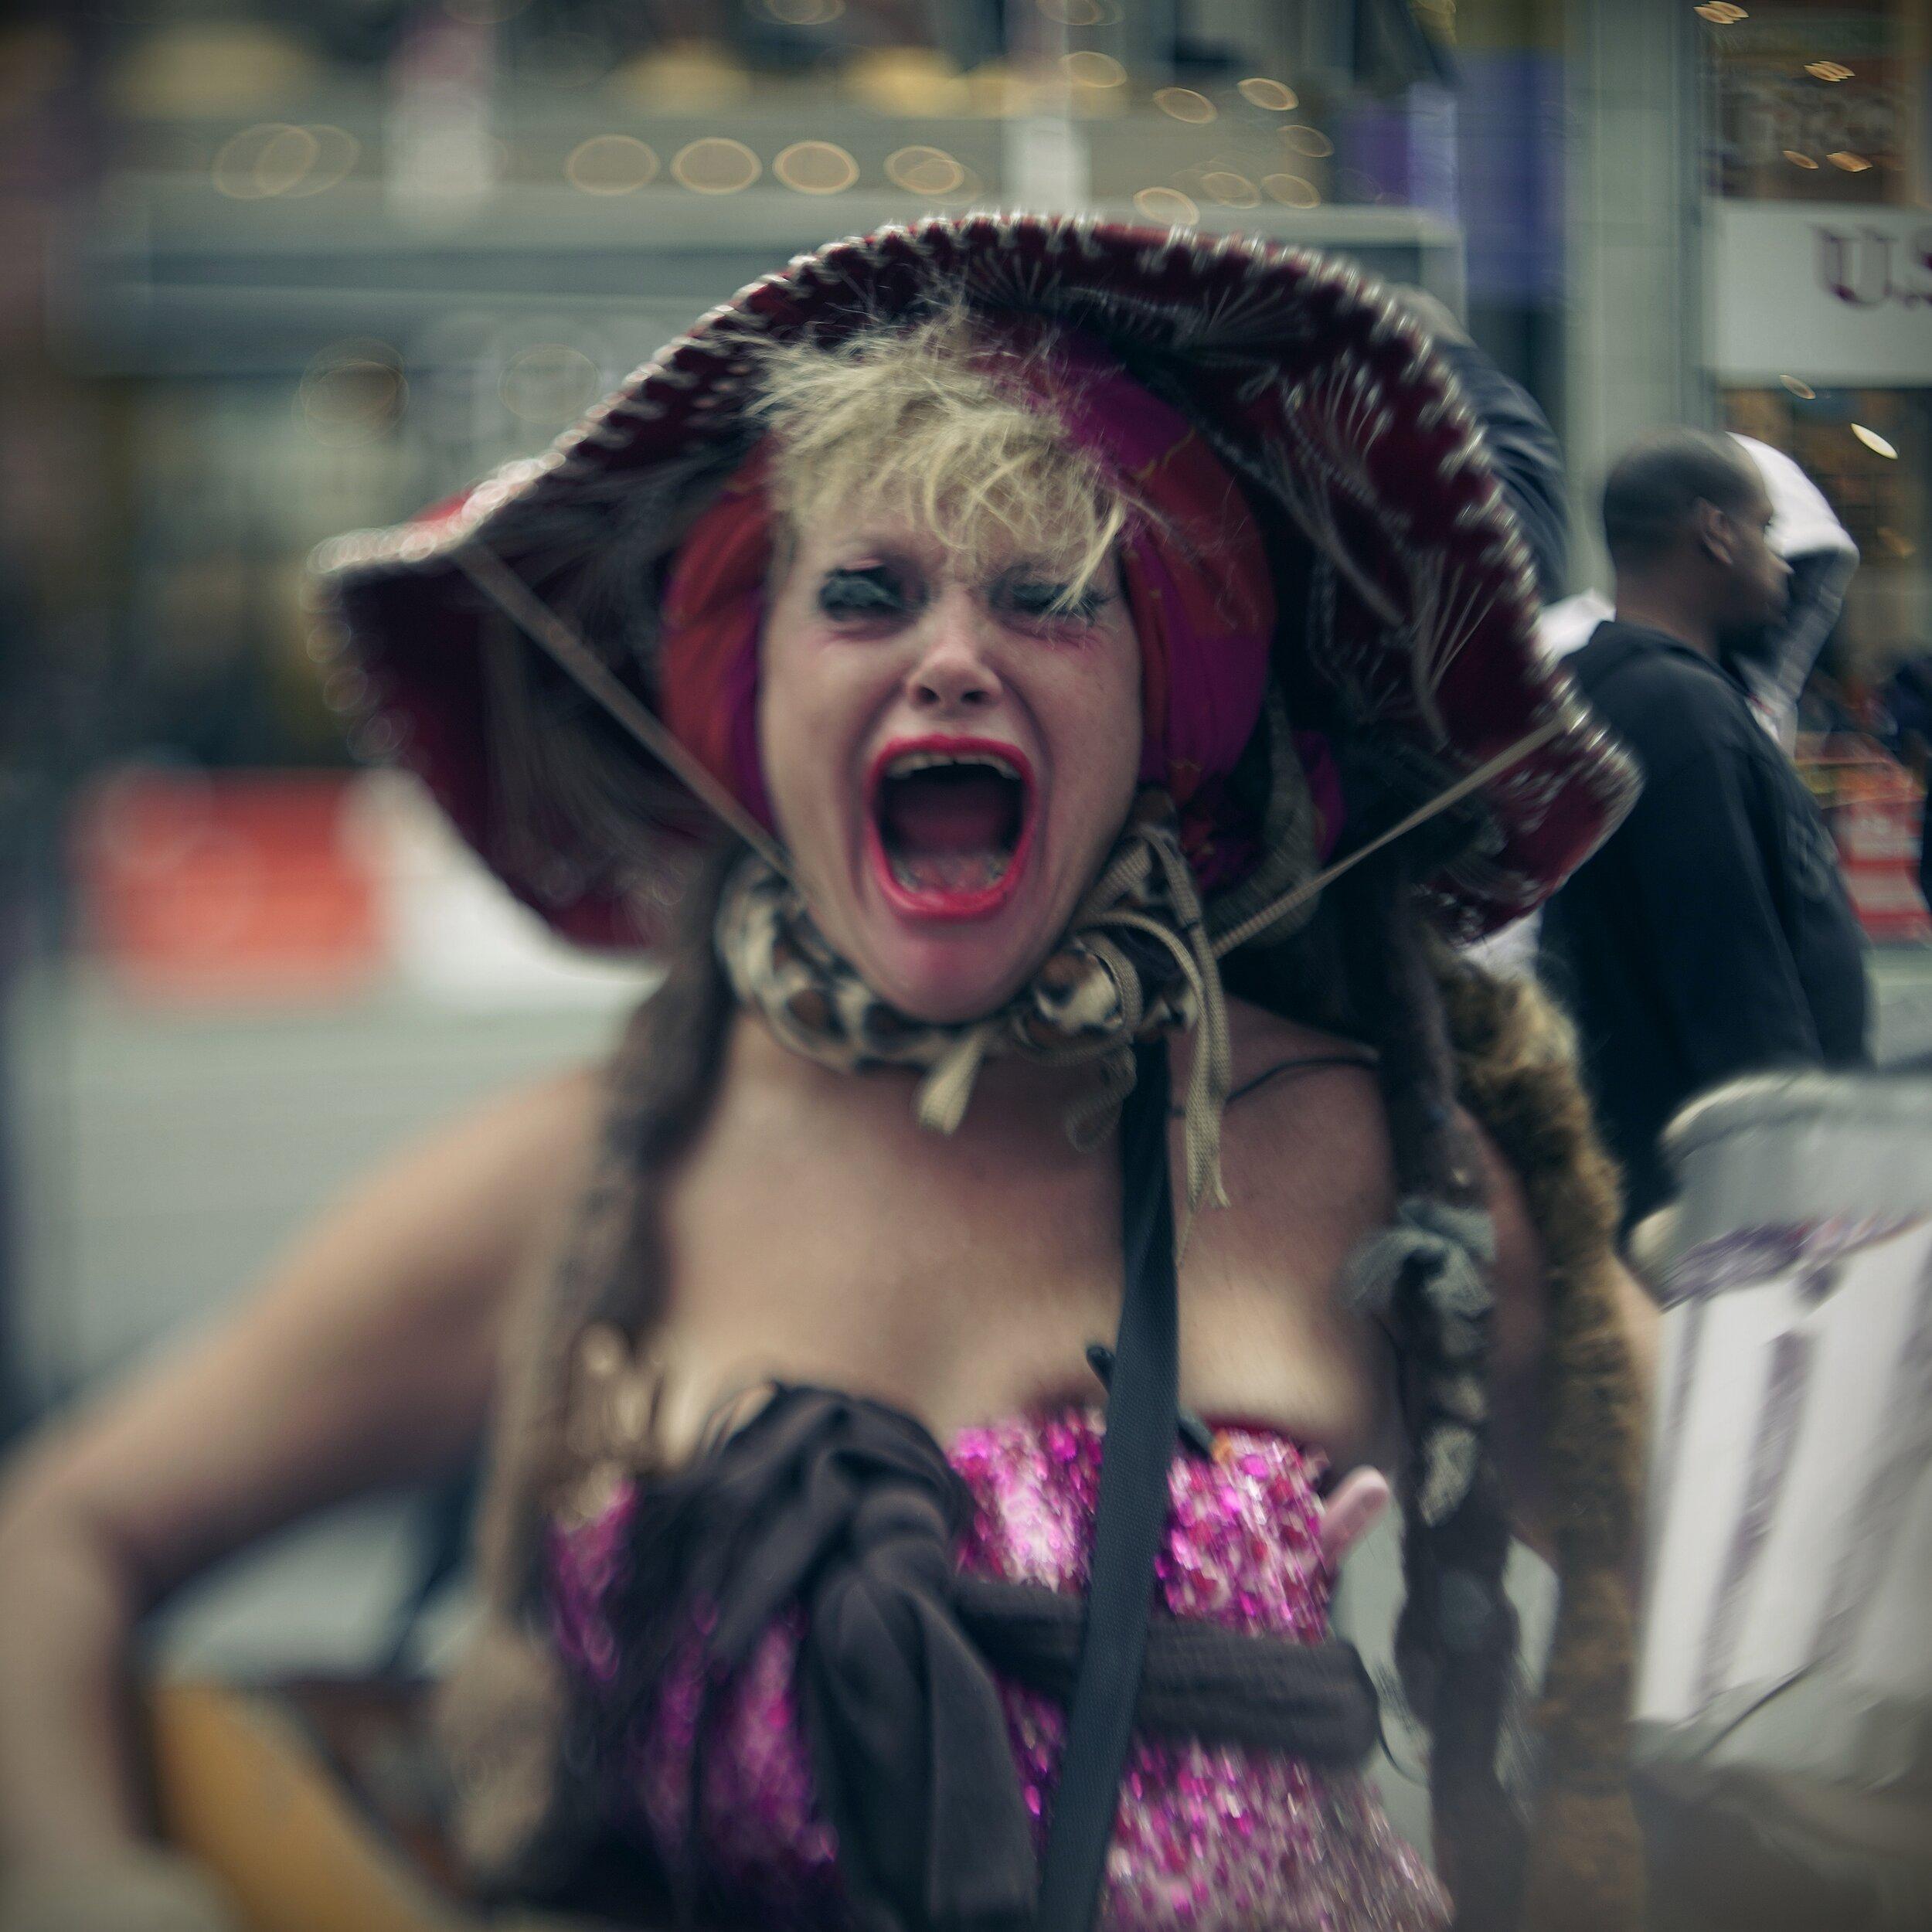 nyc_screaming_woman-crop.JPG